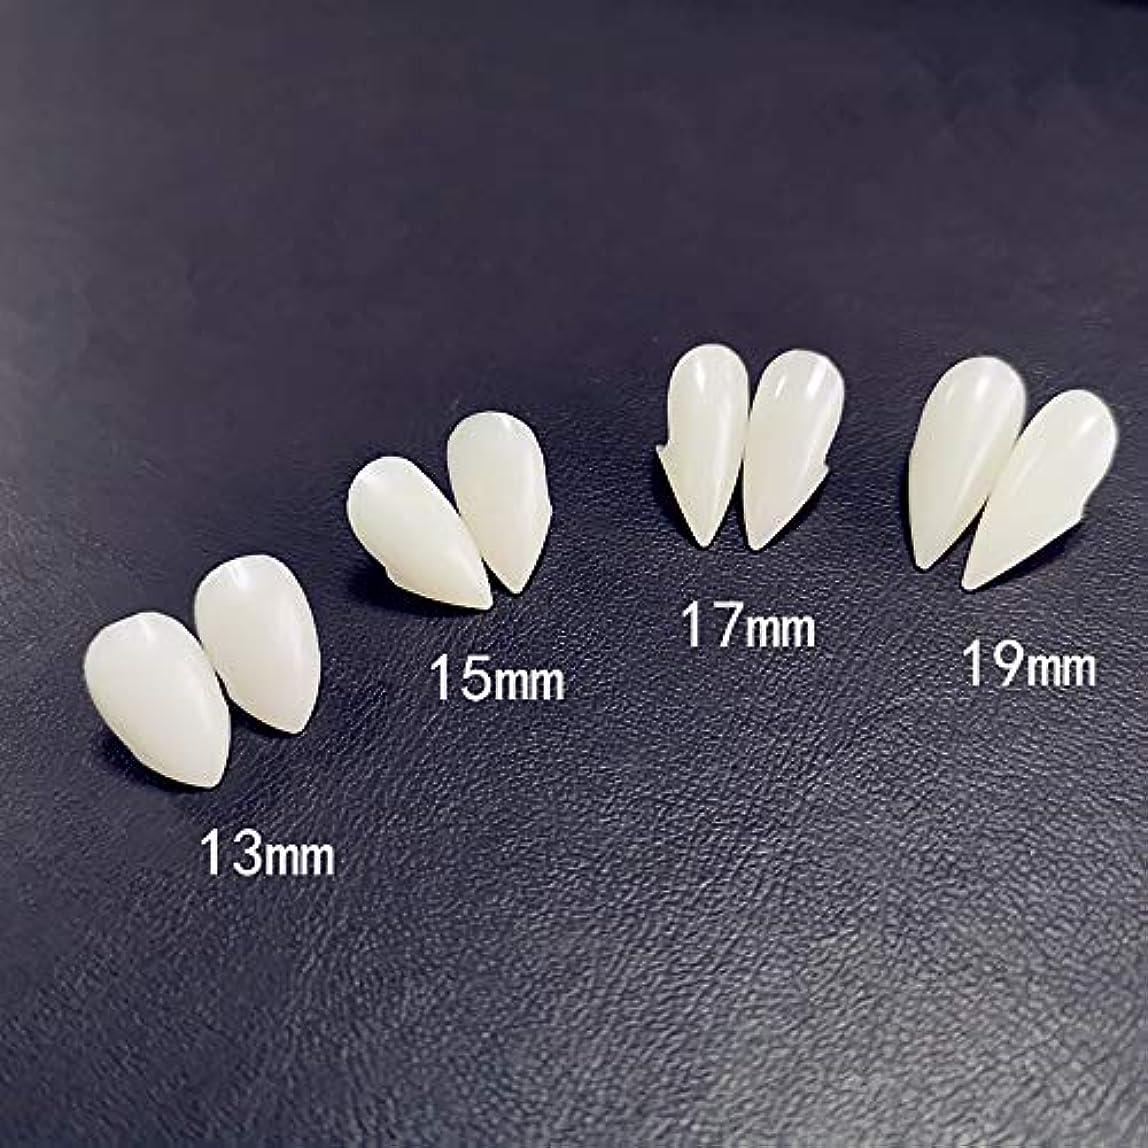 巨大な繊維シャンプー6ペア牙キット歯の入れ歯歯の牙入れ歯小道具ハロウィーンの衣装小道具パーティーの好意休日DIYの装飾ホラー大人のための子供,17mm